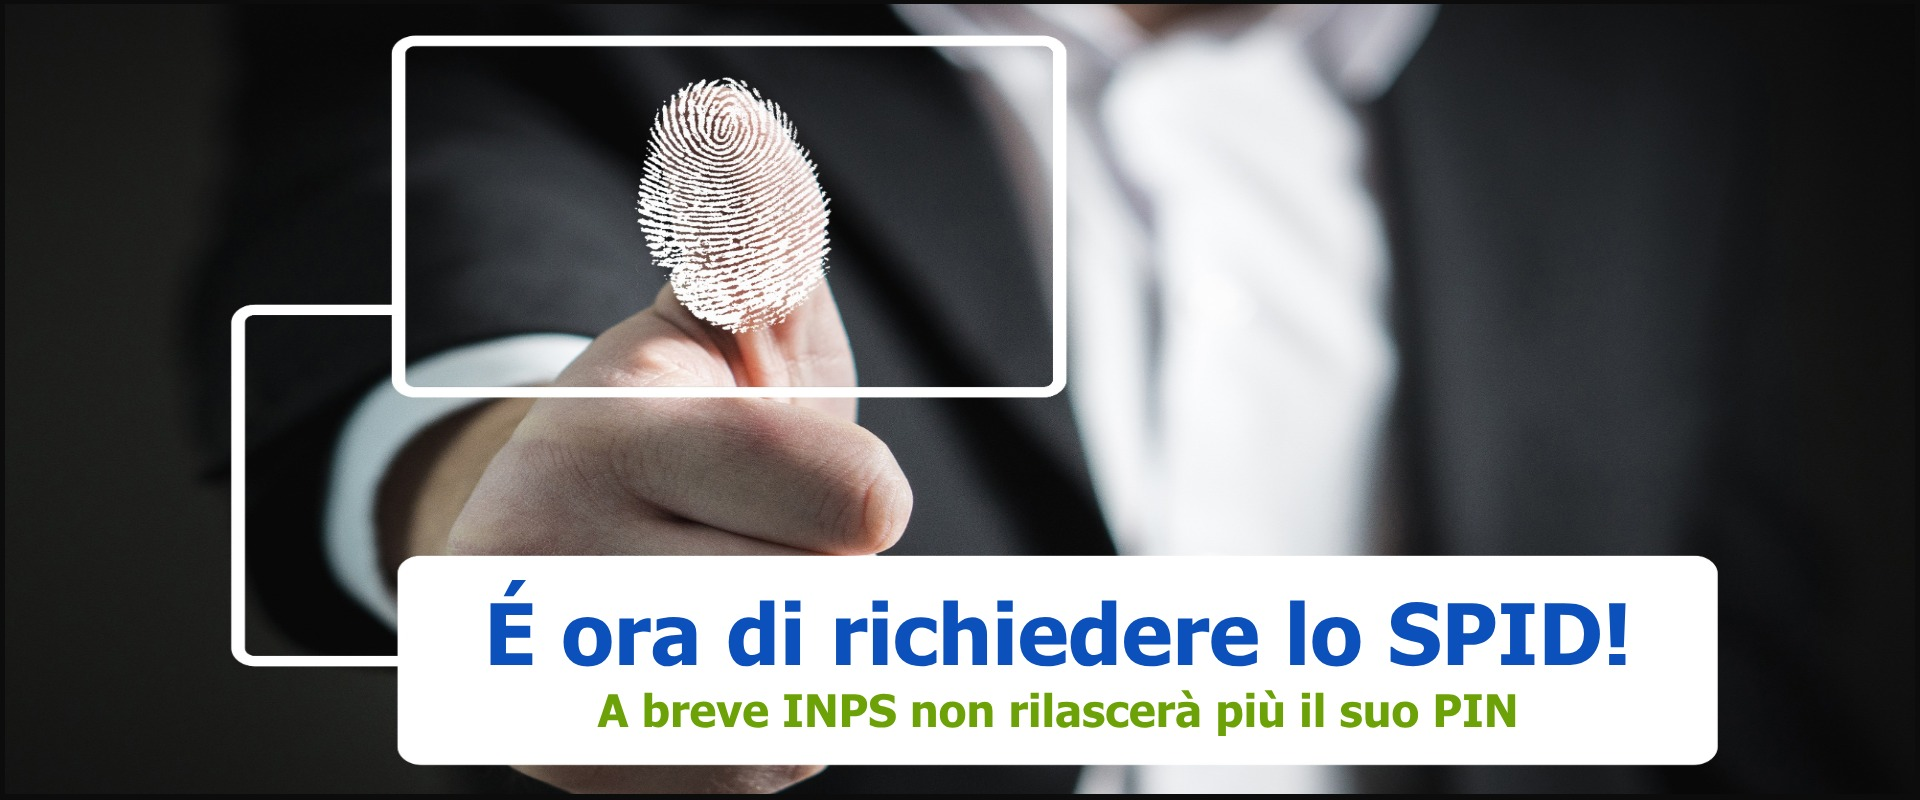 PIN Inps: stop al rilascio. Sempre più richieste per lo SPID.